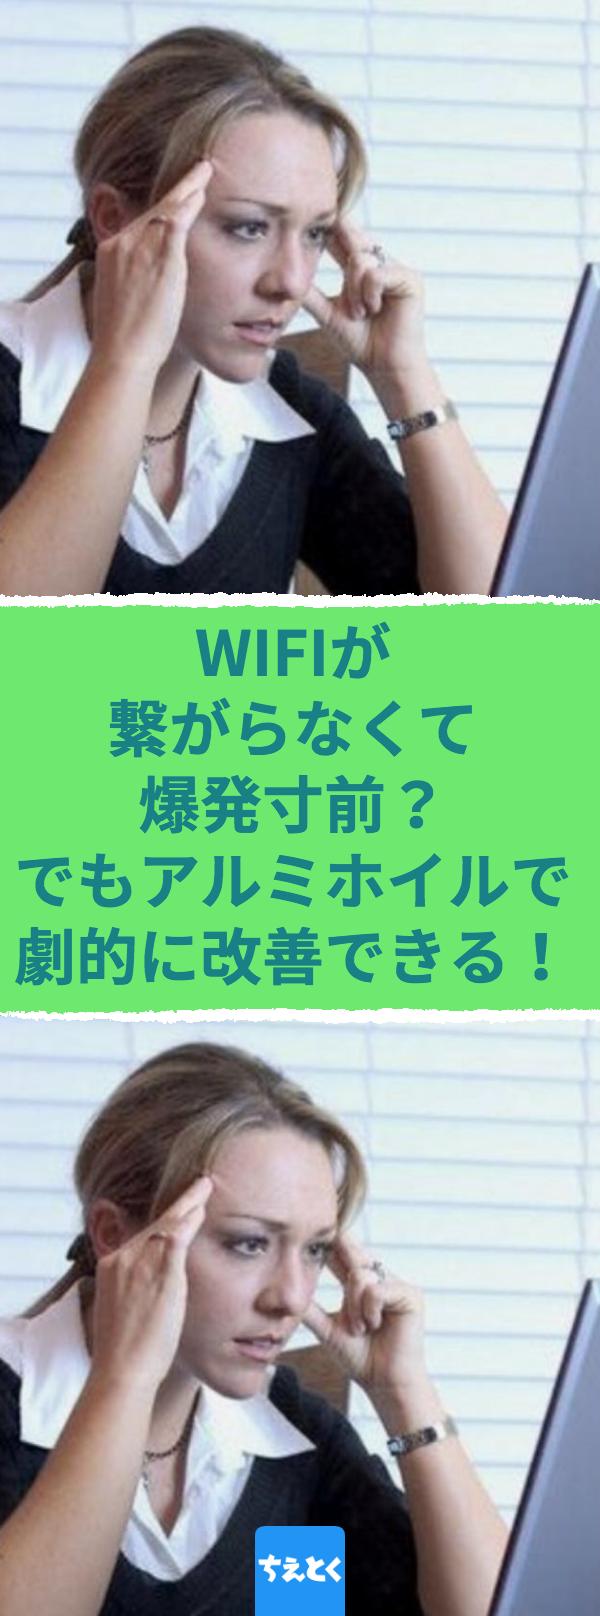 ホイル wifi アルミ